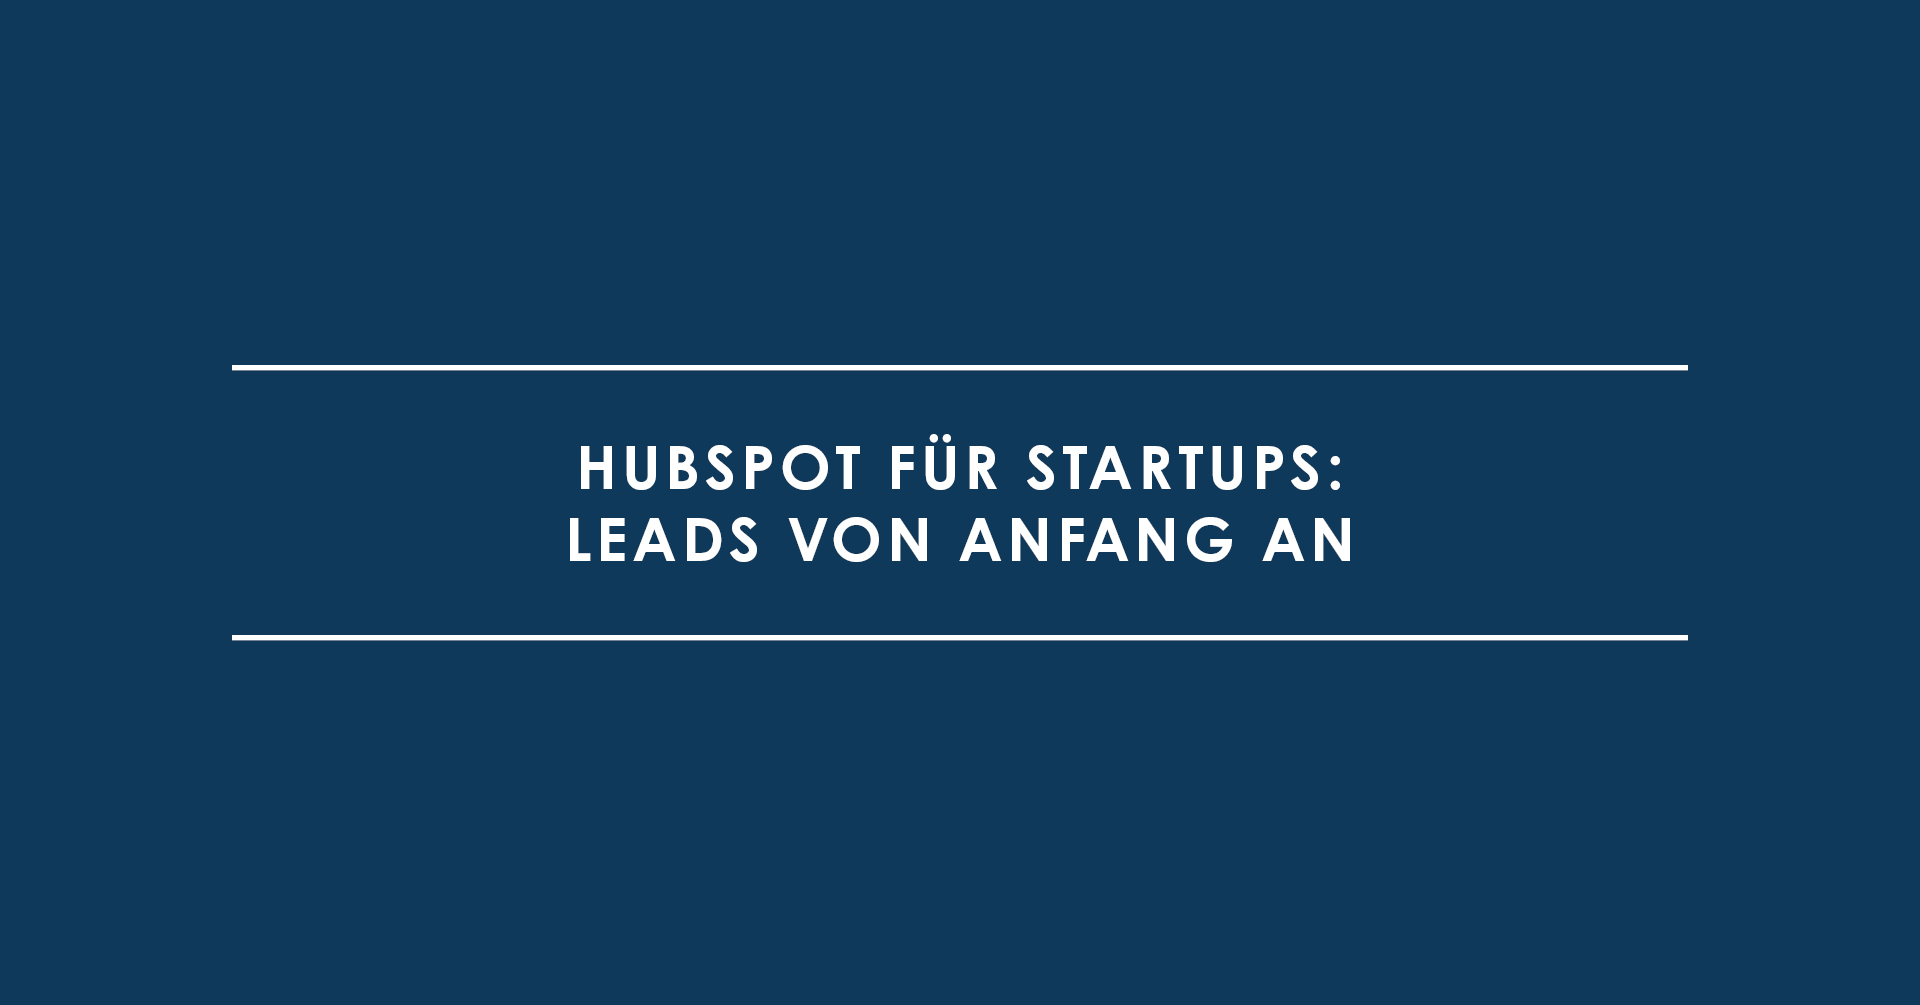 HubSpot für Startups: Leads von Anfang an